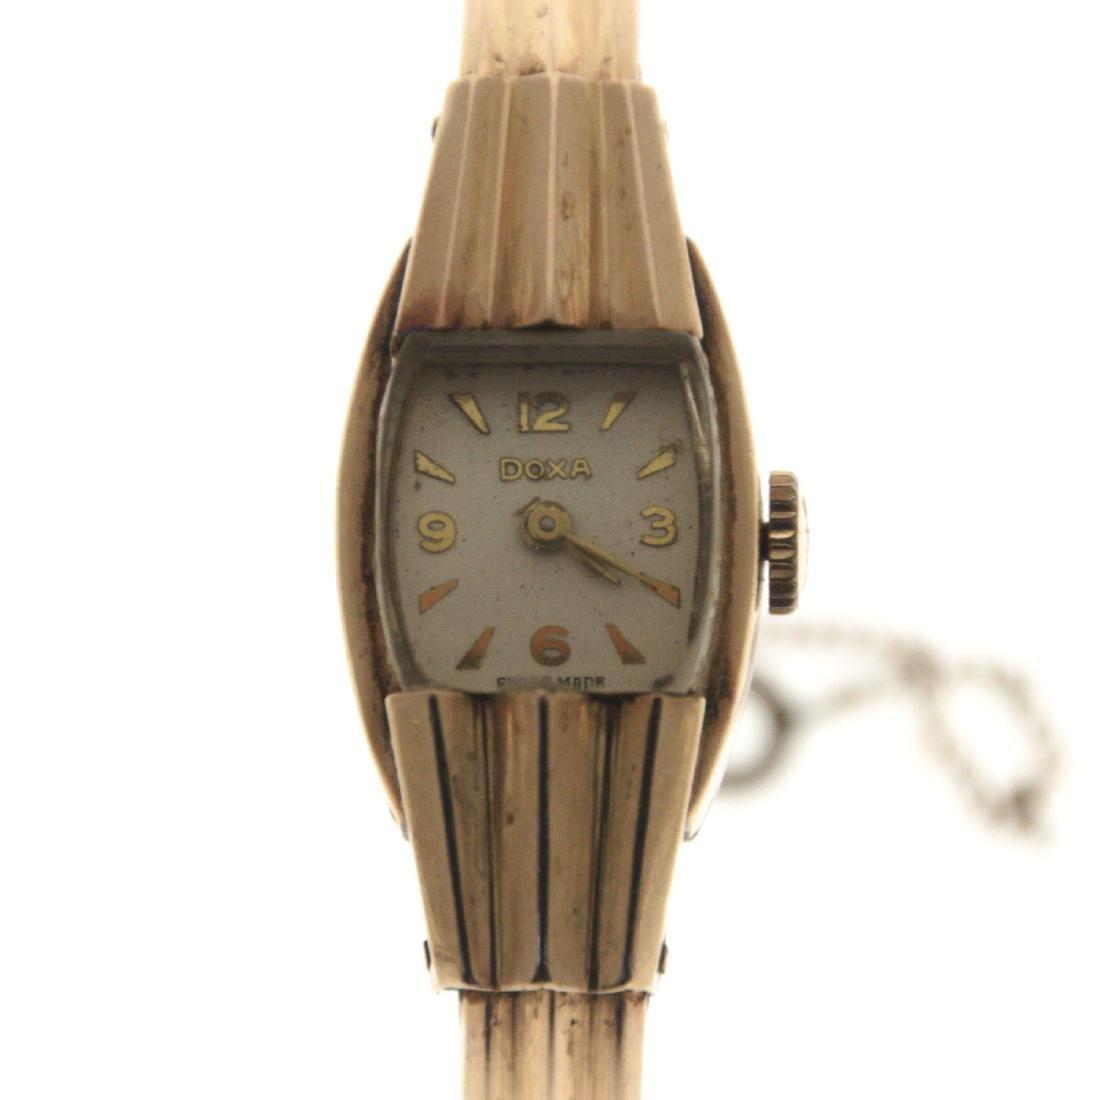 Doxa 14k Gold Lady's Wrist Watch. - 2